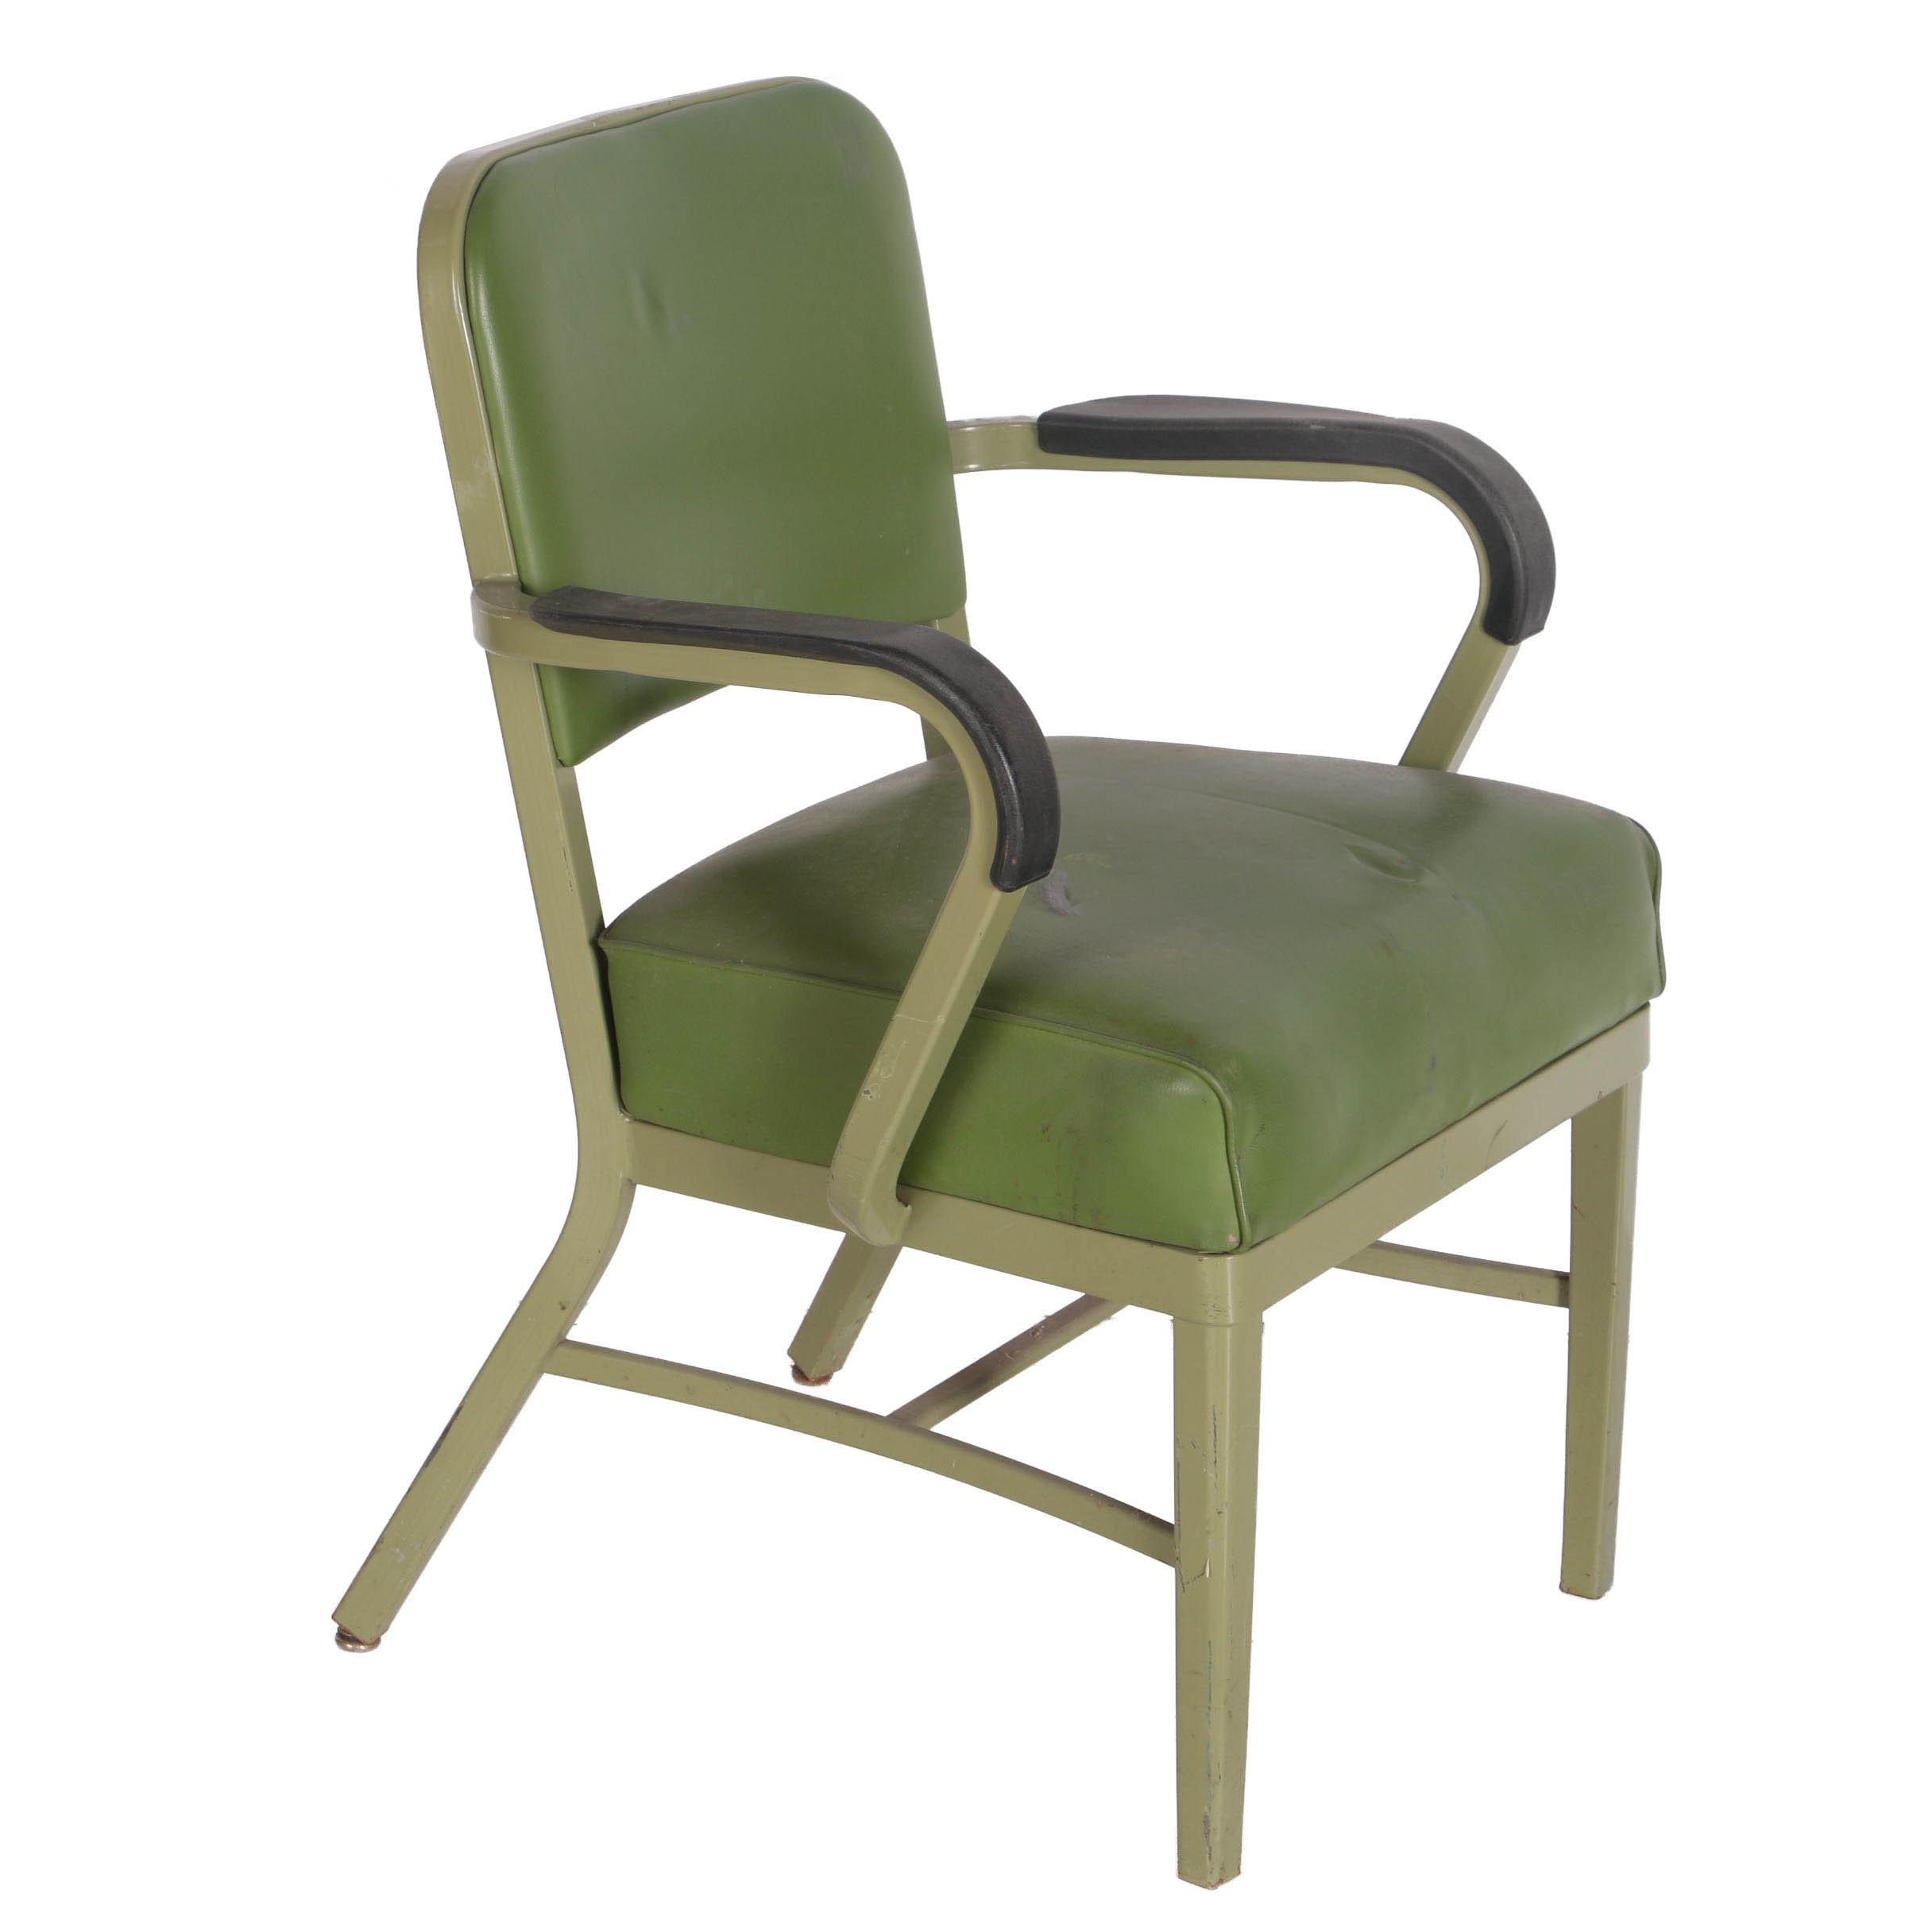 Vintage Green Vinyl and Metal Chair